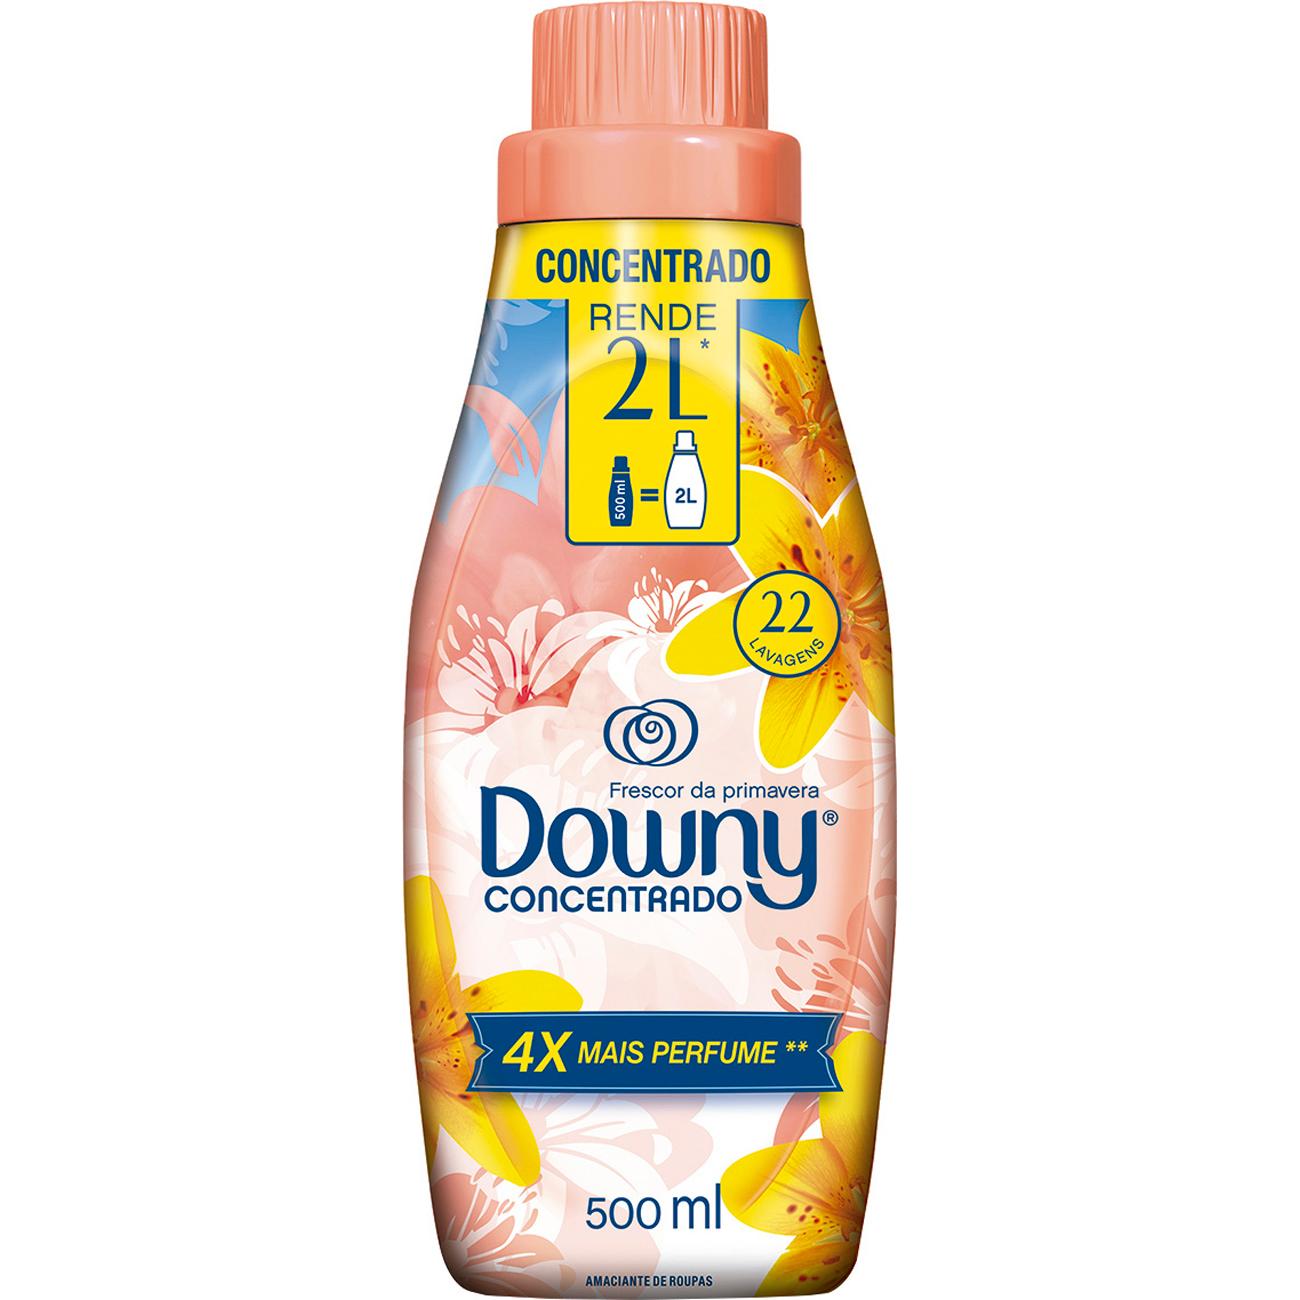 Amaciante para roupa Downy concentrado 500ml frescor primavera